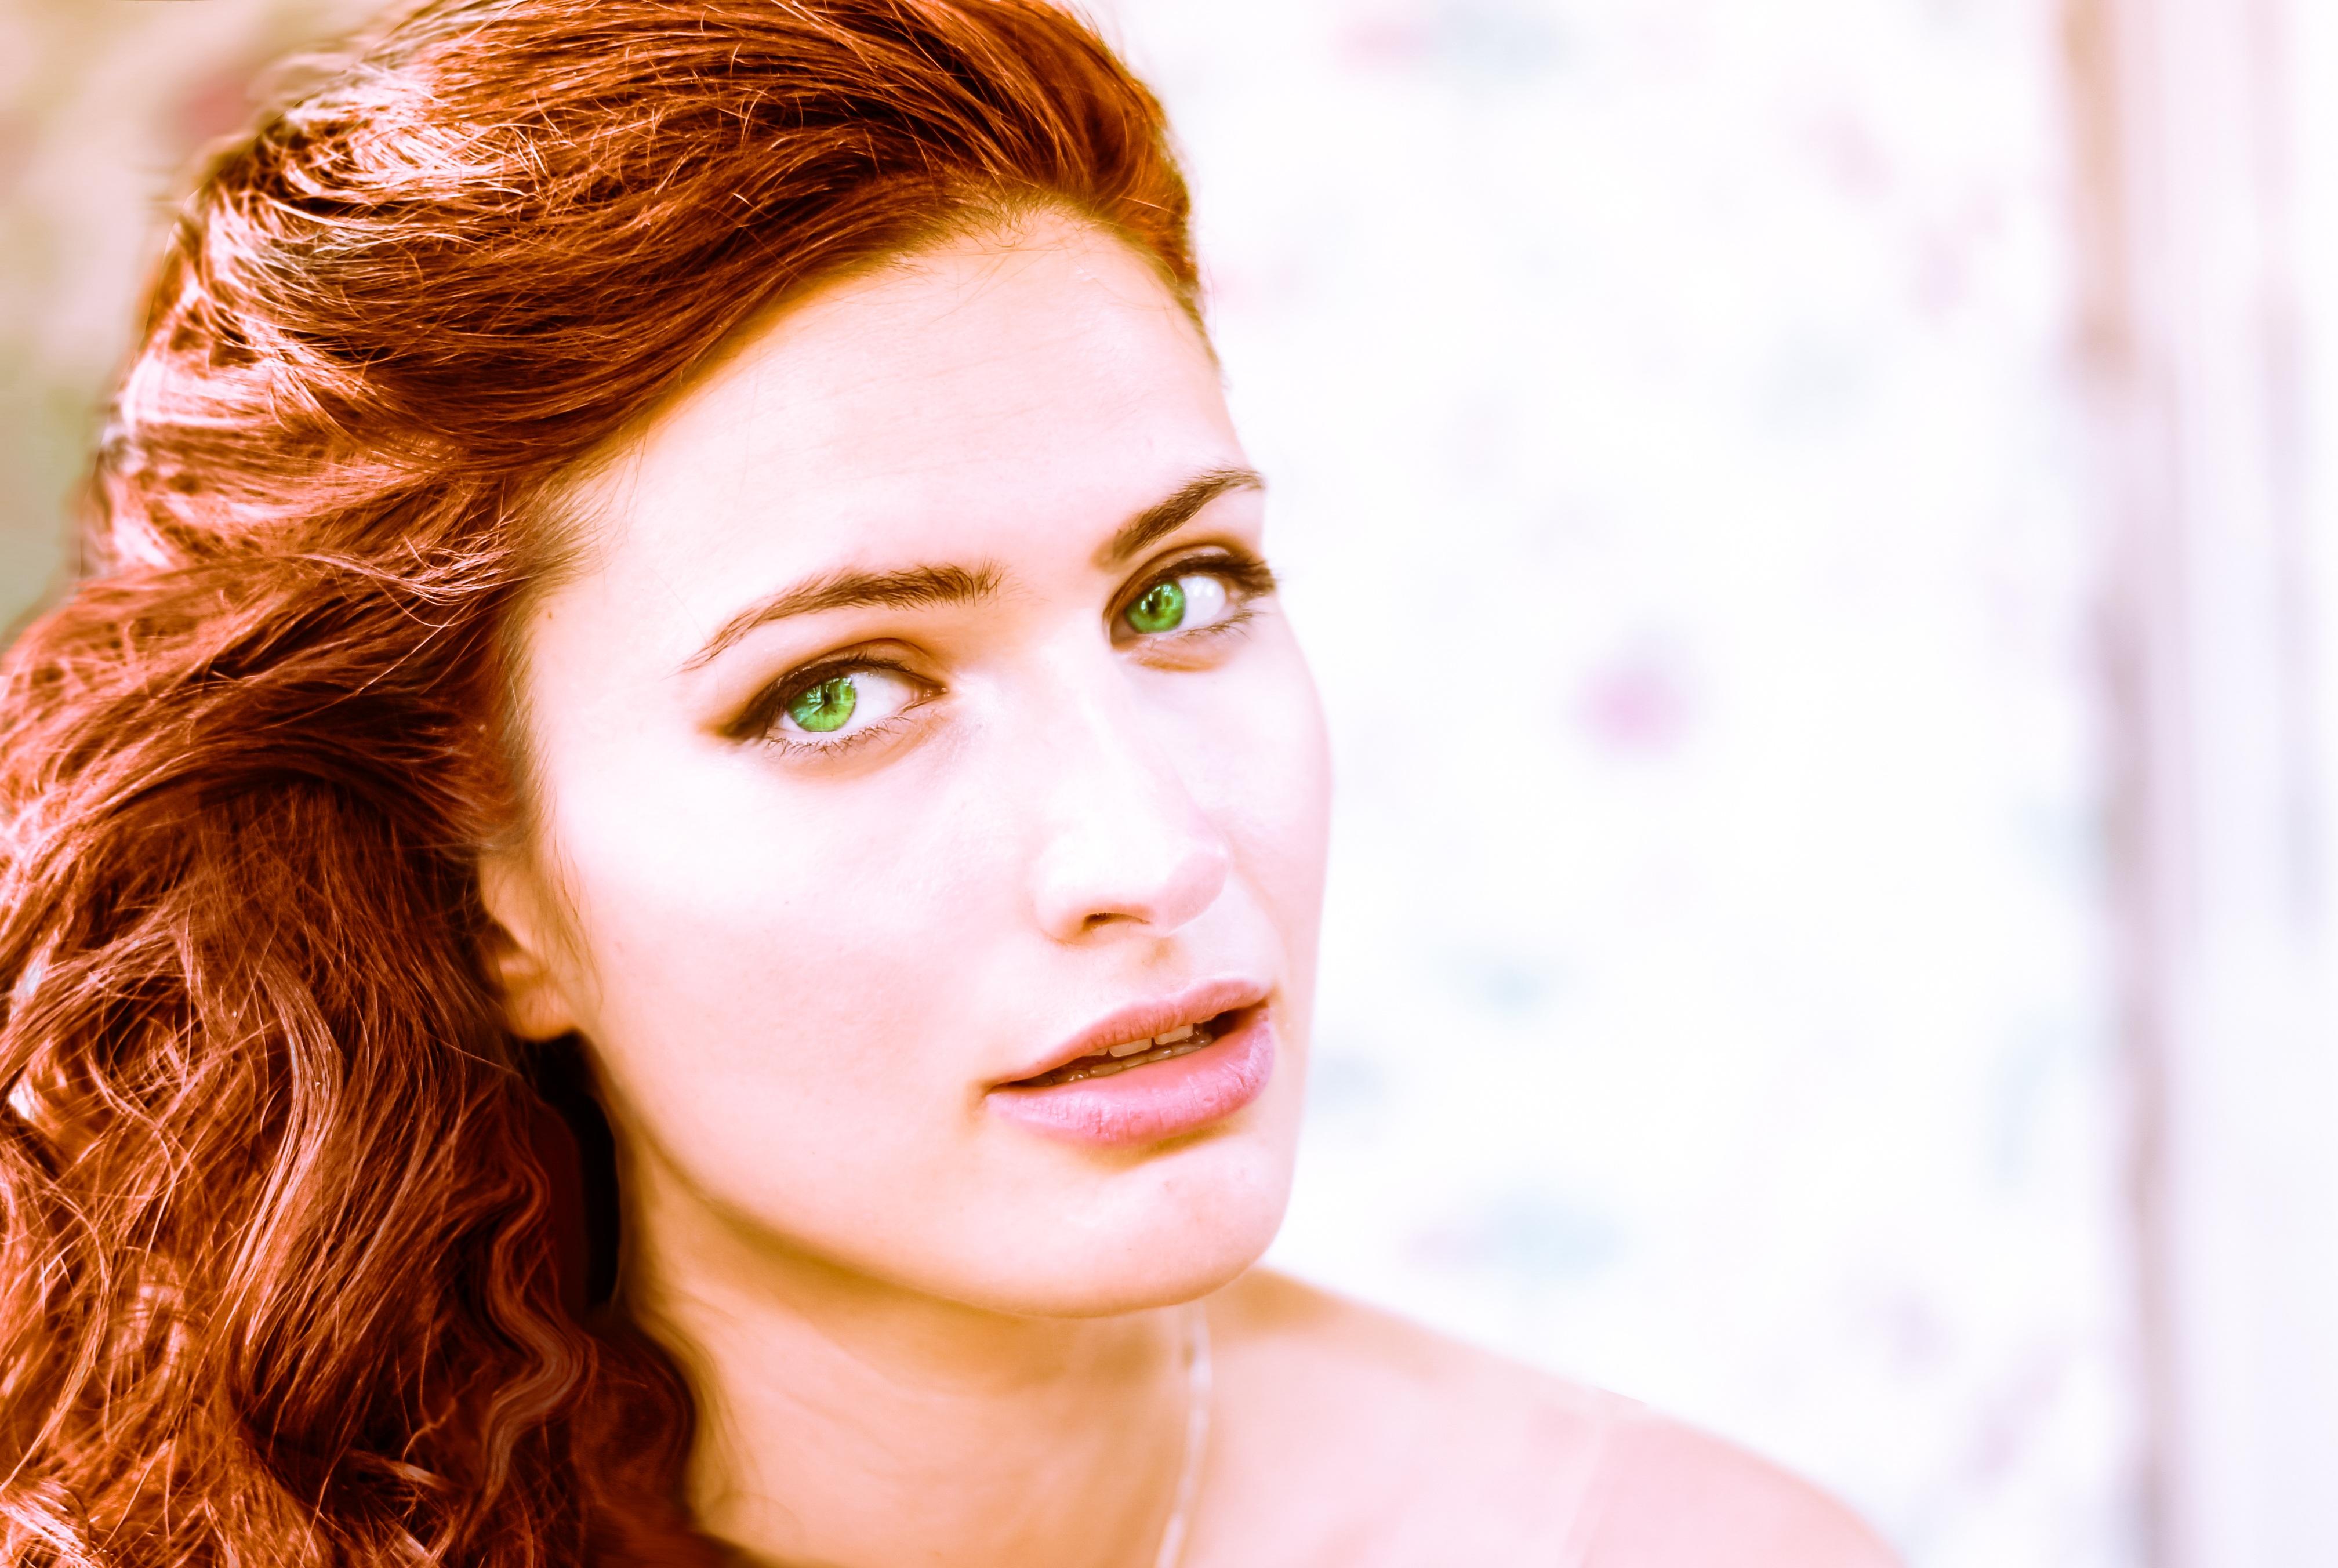 Poze Fată Femeie Fotografie Femeie Model Arc Roșu Culoare